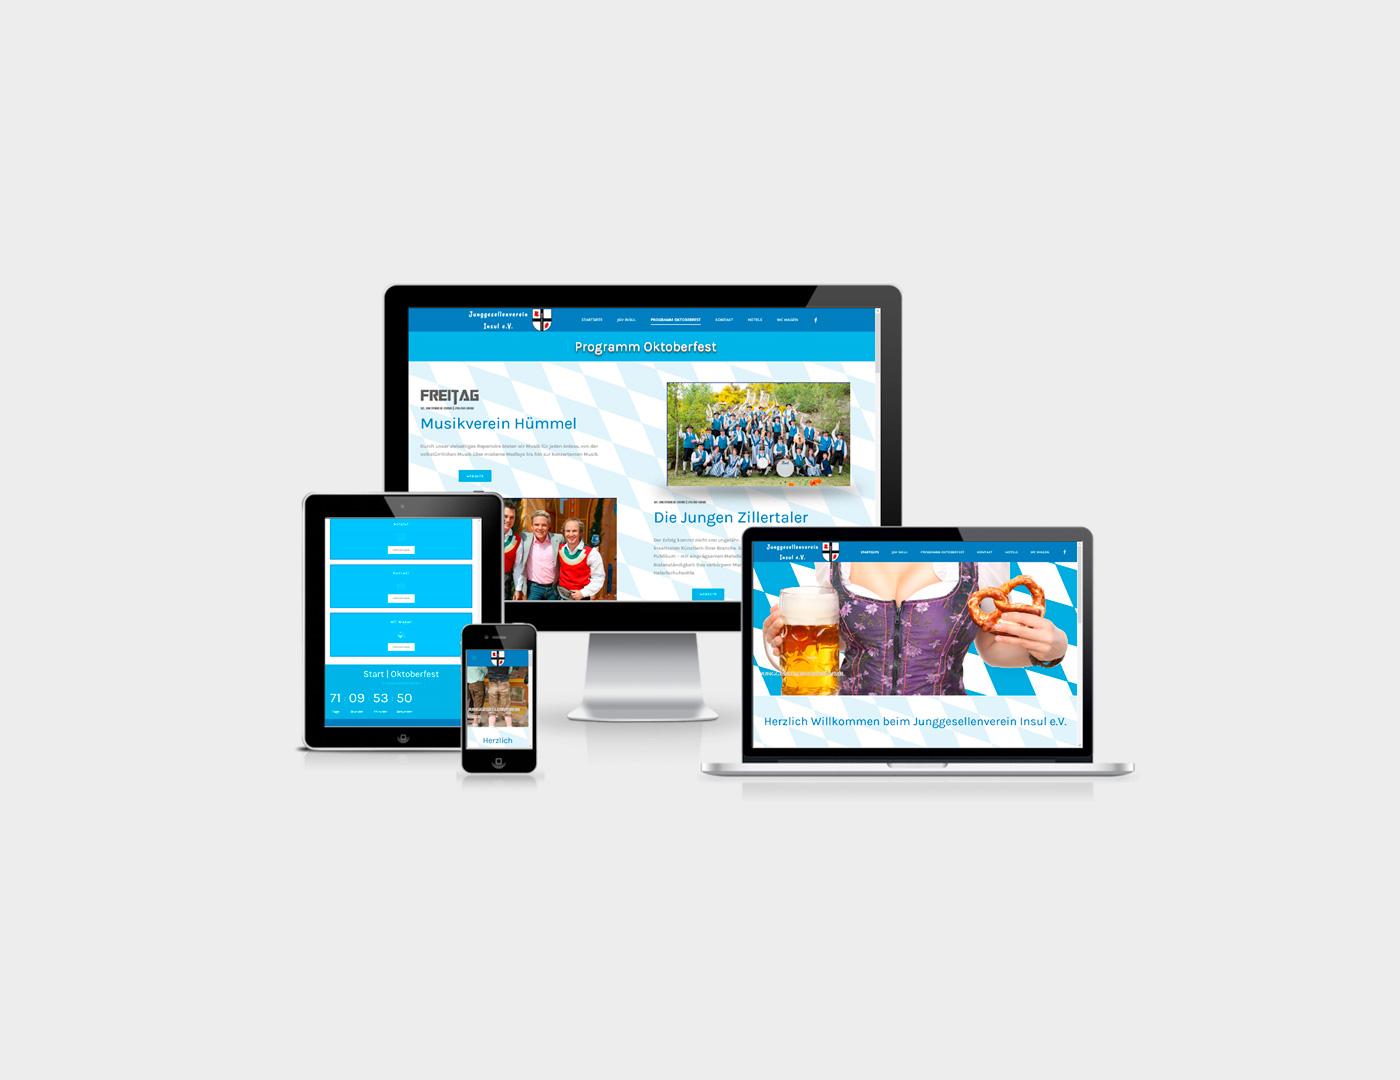 Webdesign Eifel erstellte Webseite fuer eine Webseite für das Oktoberfest in Insul aus der Eifel